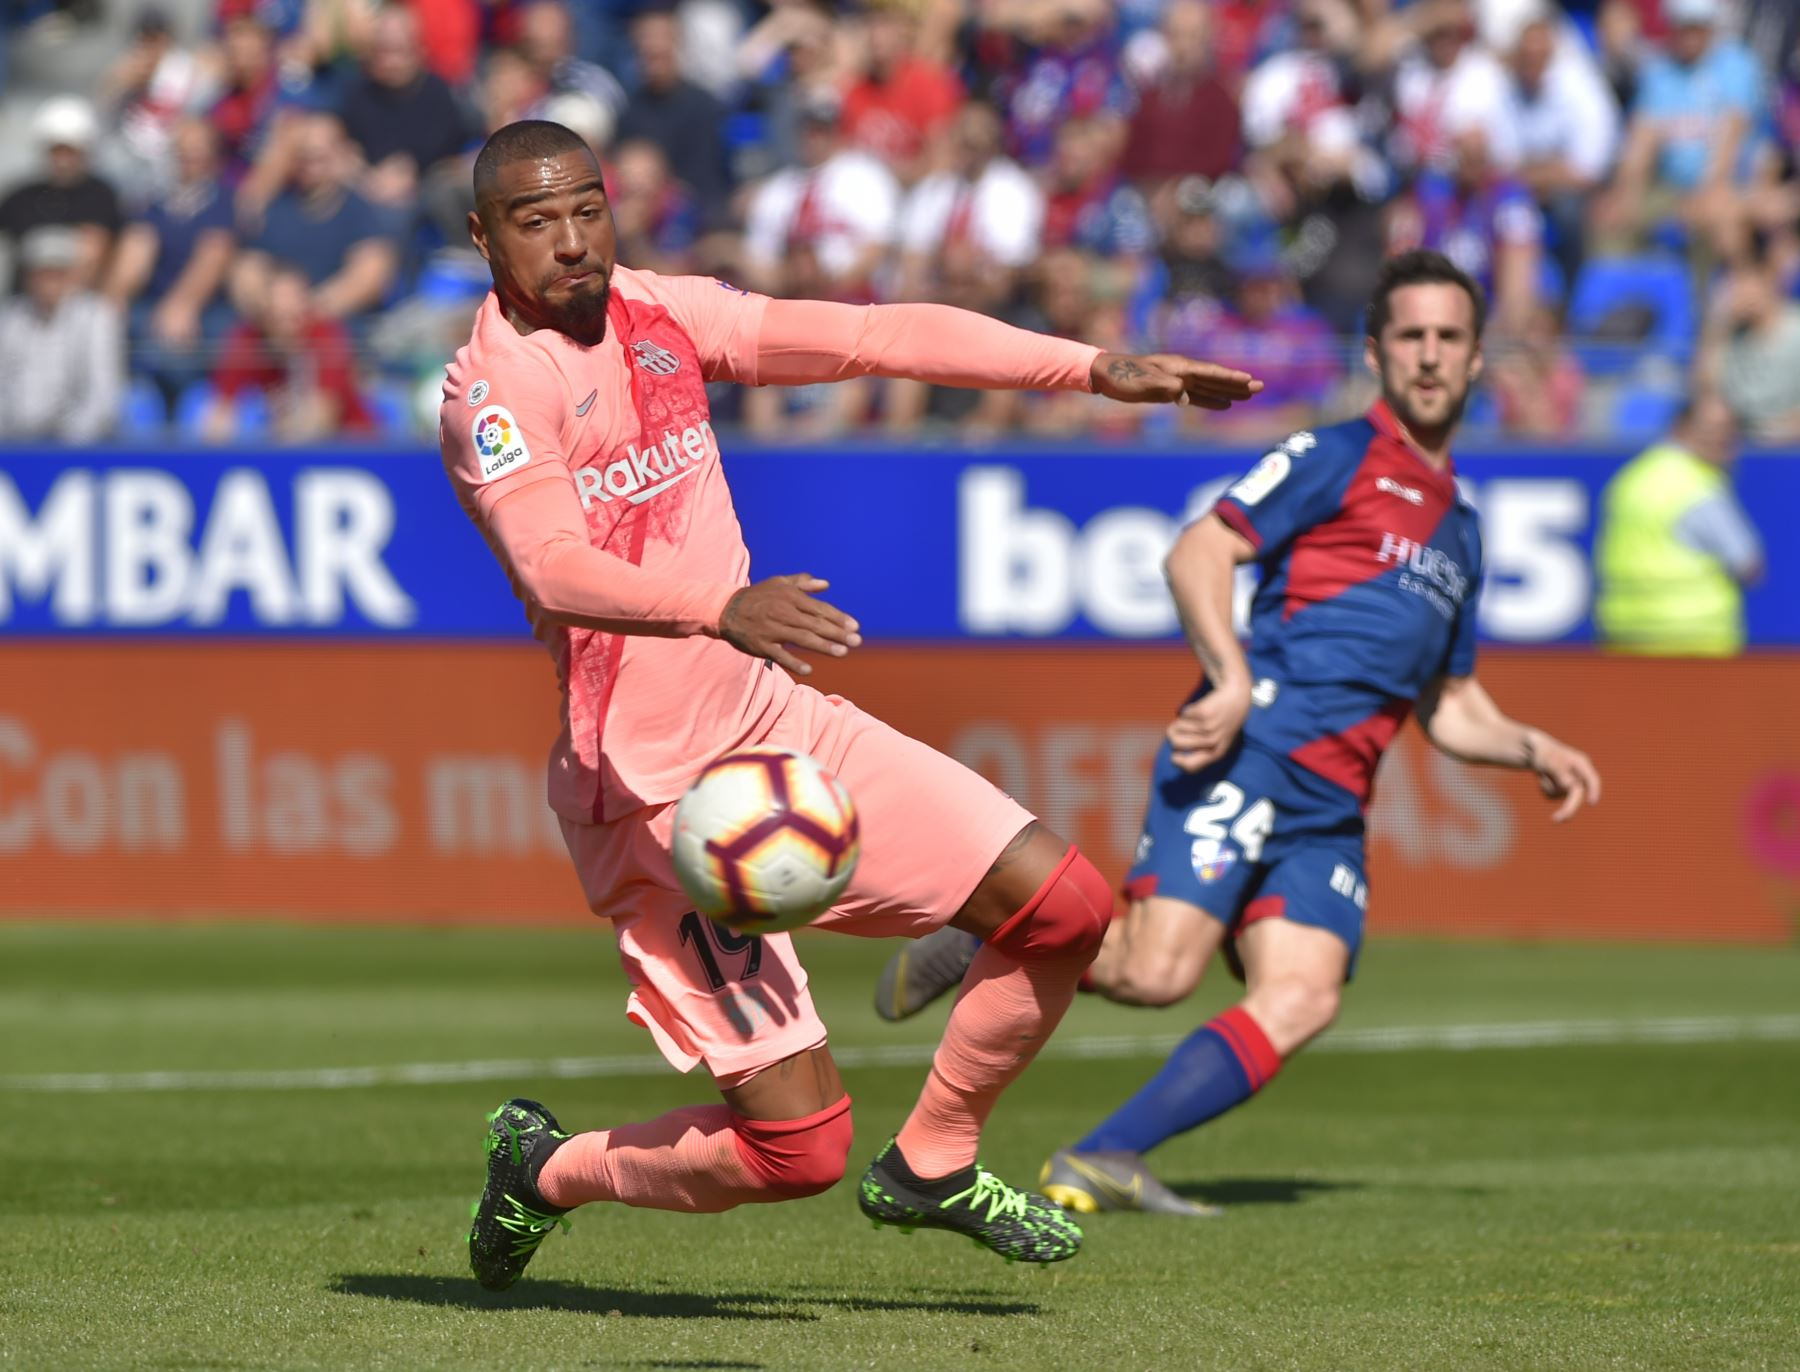 El delantero ghanés Kevin-Prince Boateng de Barcelona mira el balón durante el partido de fútbol de la liga española entre el SD Huesca y el FC Barcelona .Foto: AFP